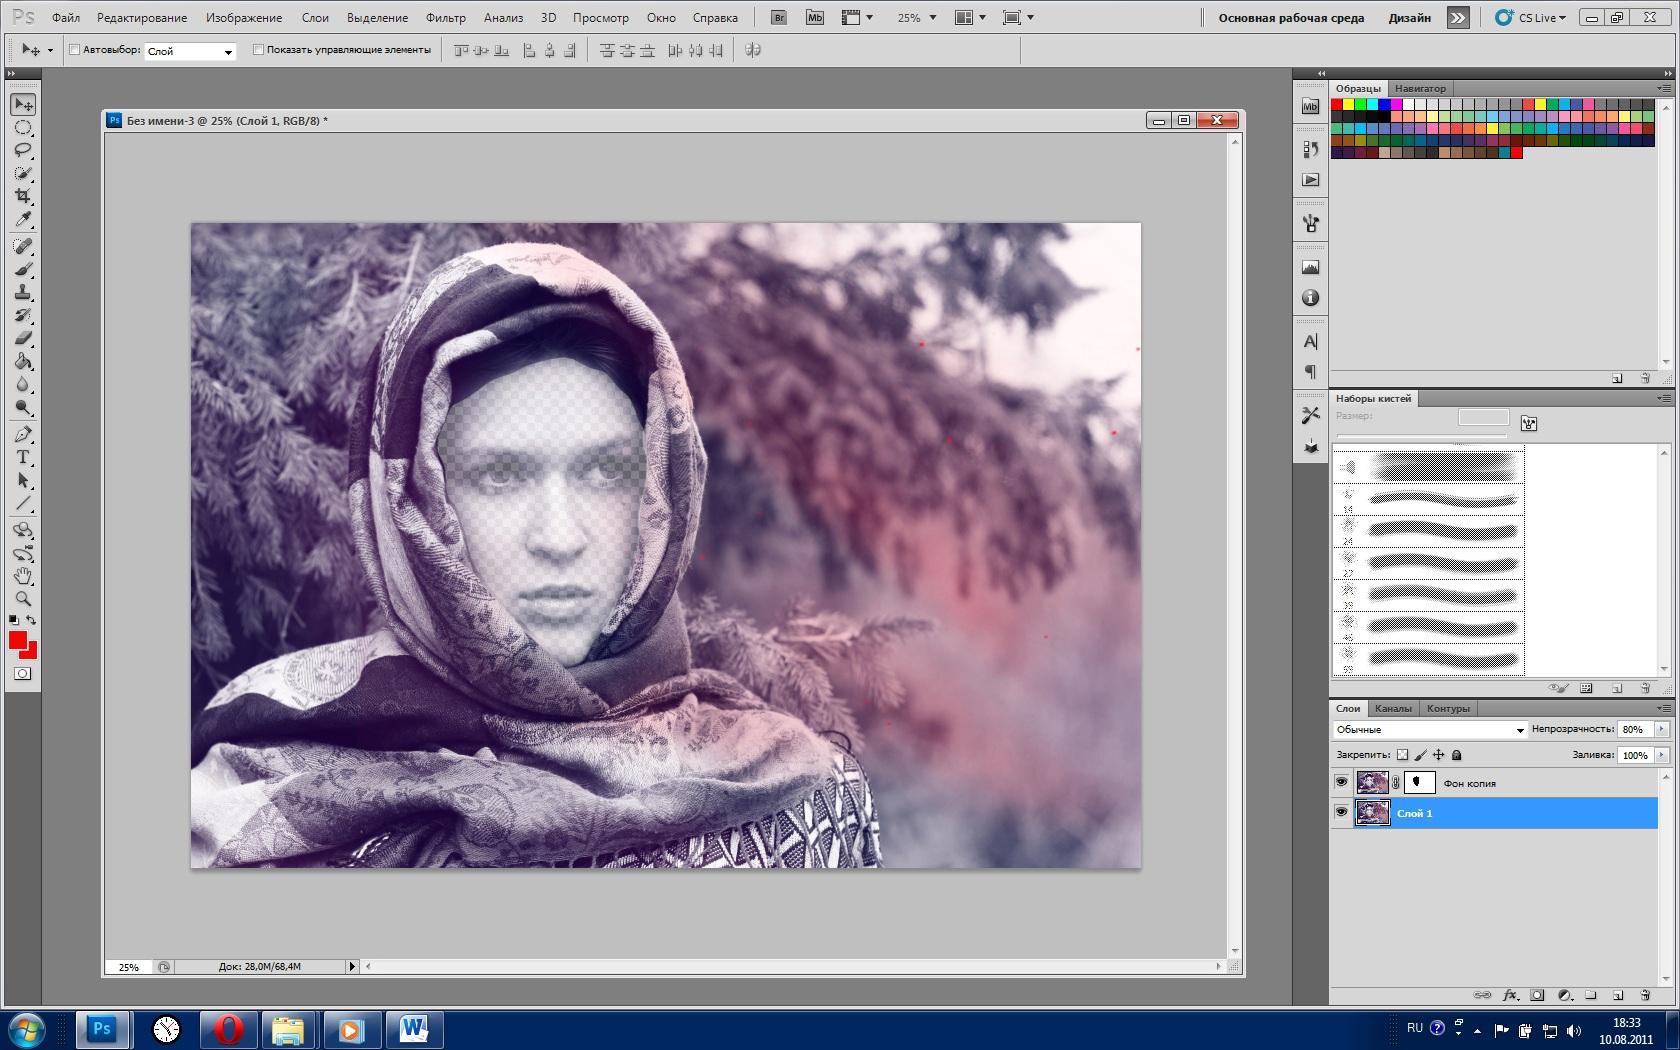 Приложение меняющее фон фотографии будете создавать